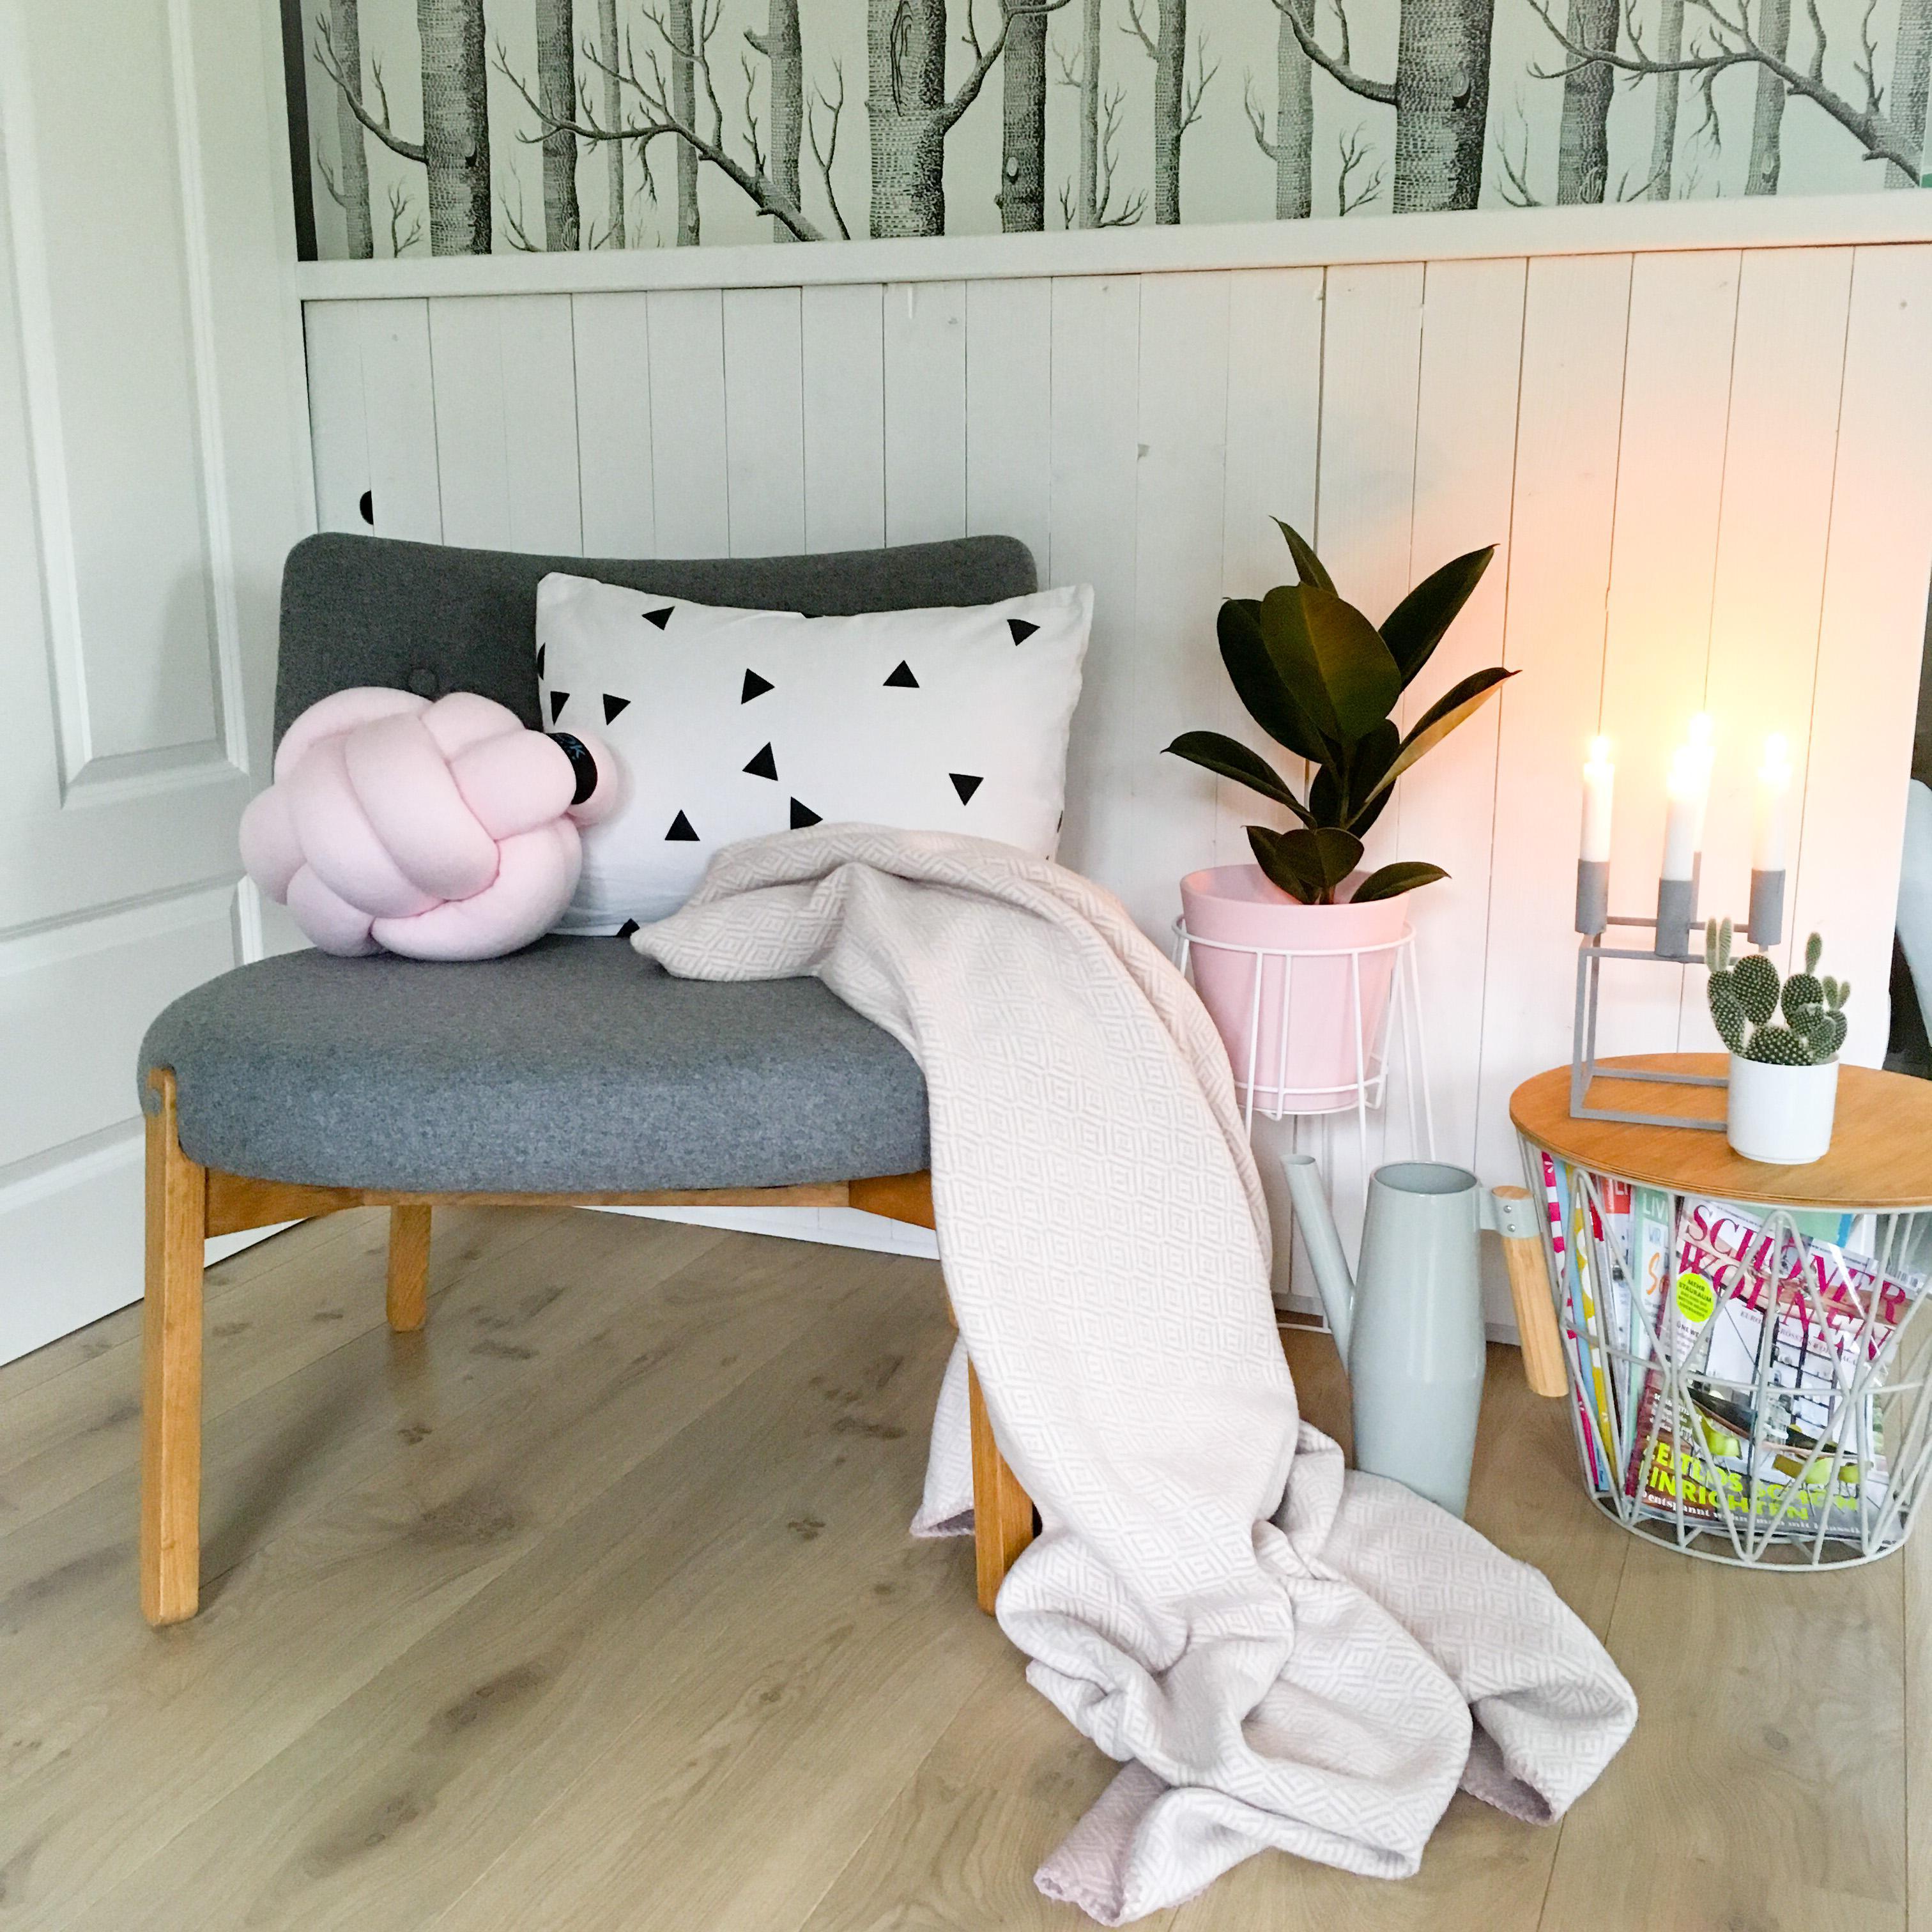 Bitte Platz Nehmen Wohnzimmer Cozy Herbst Interior Kerzen